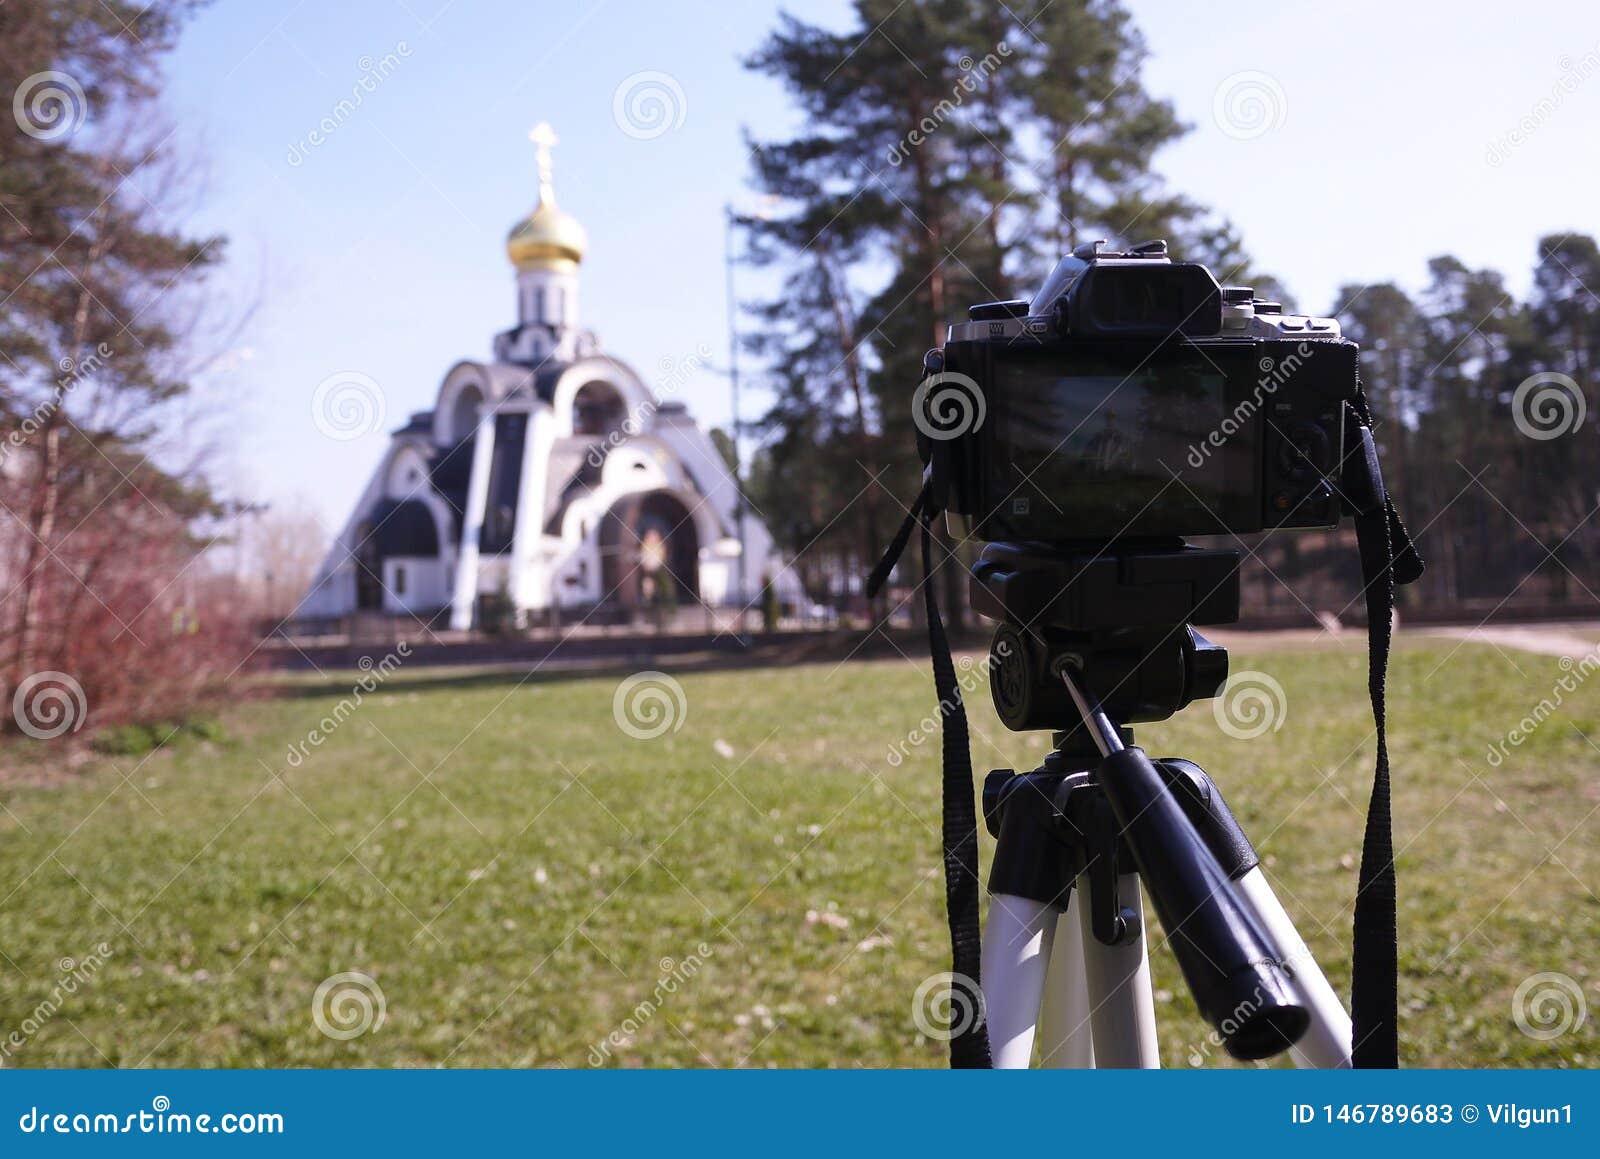 Κάμερα που τοποθετείται σε ένα τρίποδο Ψηφιακή κάμερα για τη λήψη των φωτογραφιών r